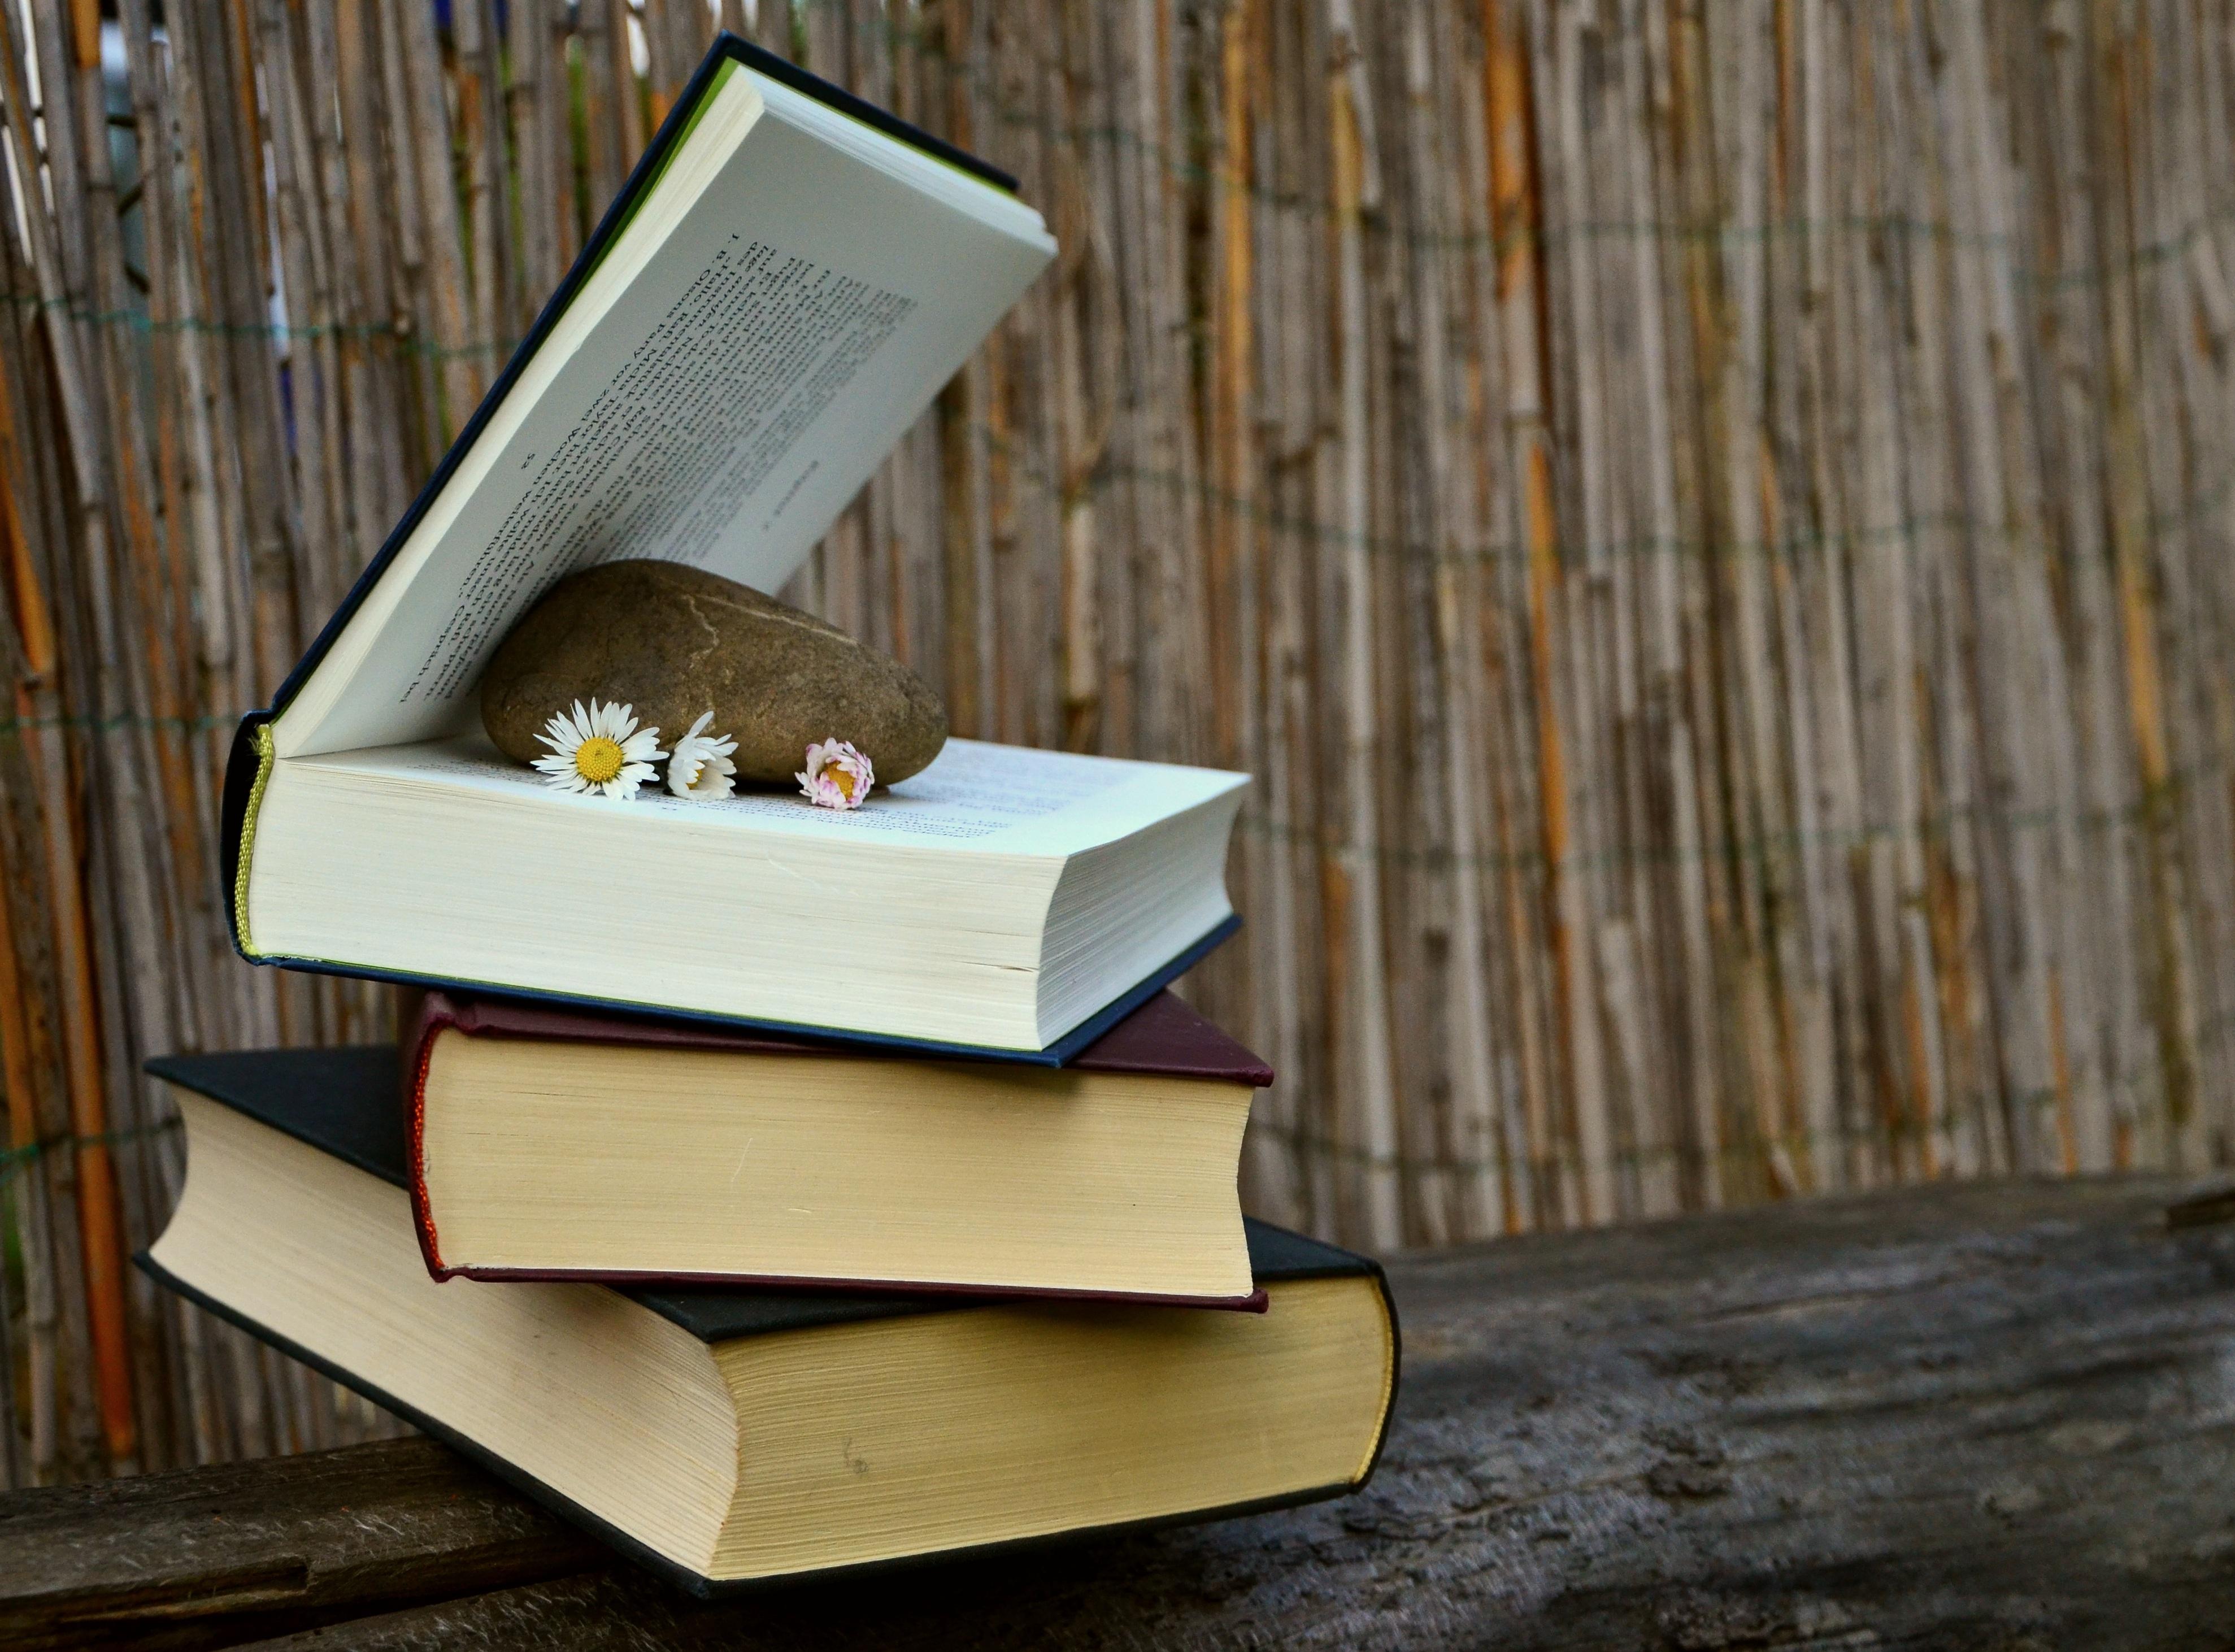 Книги литература чтение картинки